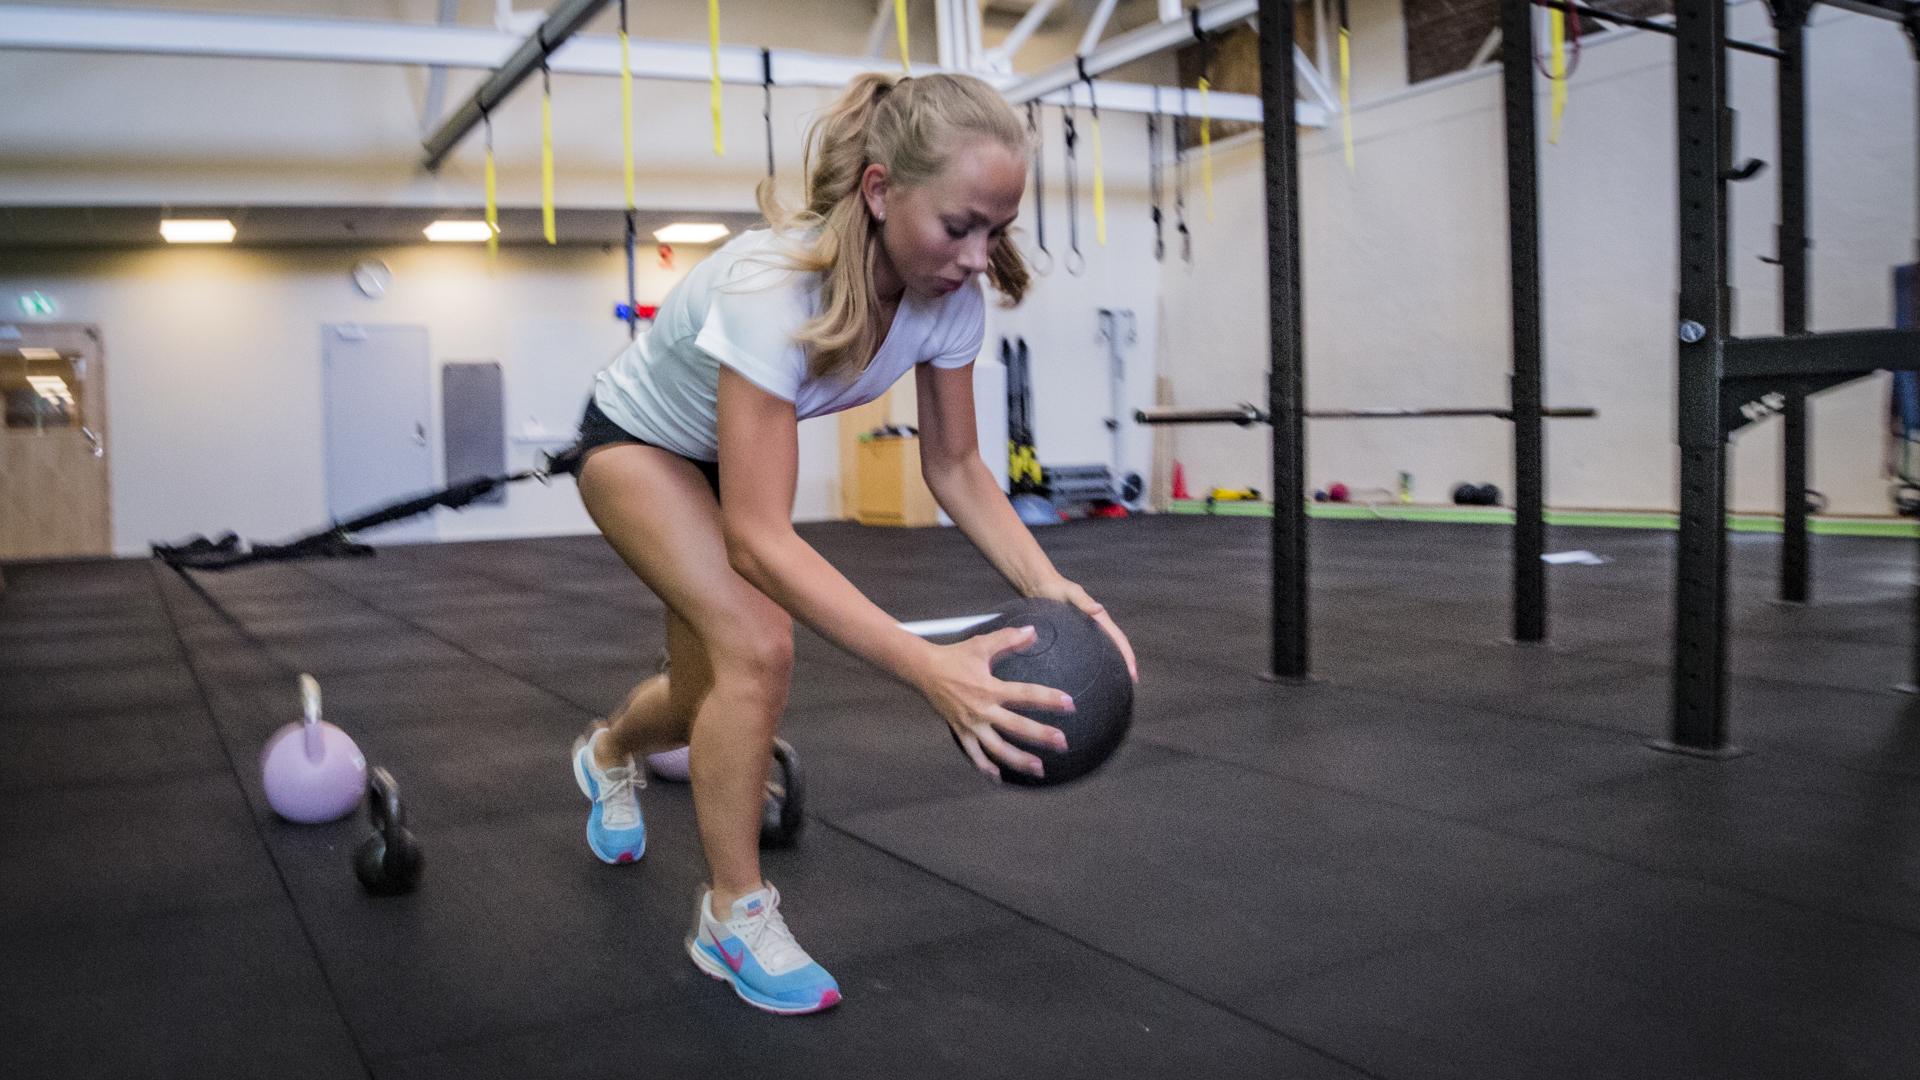 Ung tjej tränar stabilitet och styrka med gummiband och medicinboll